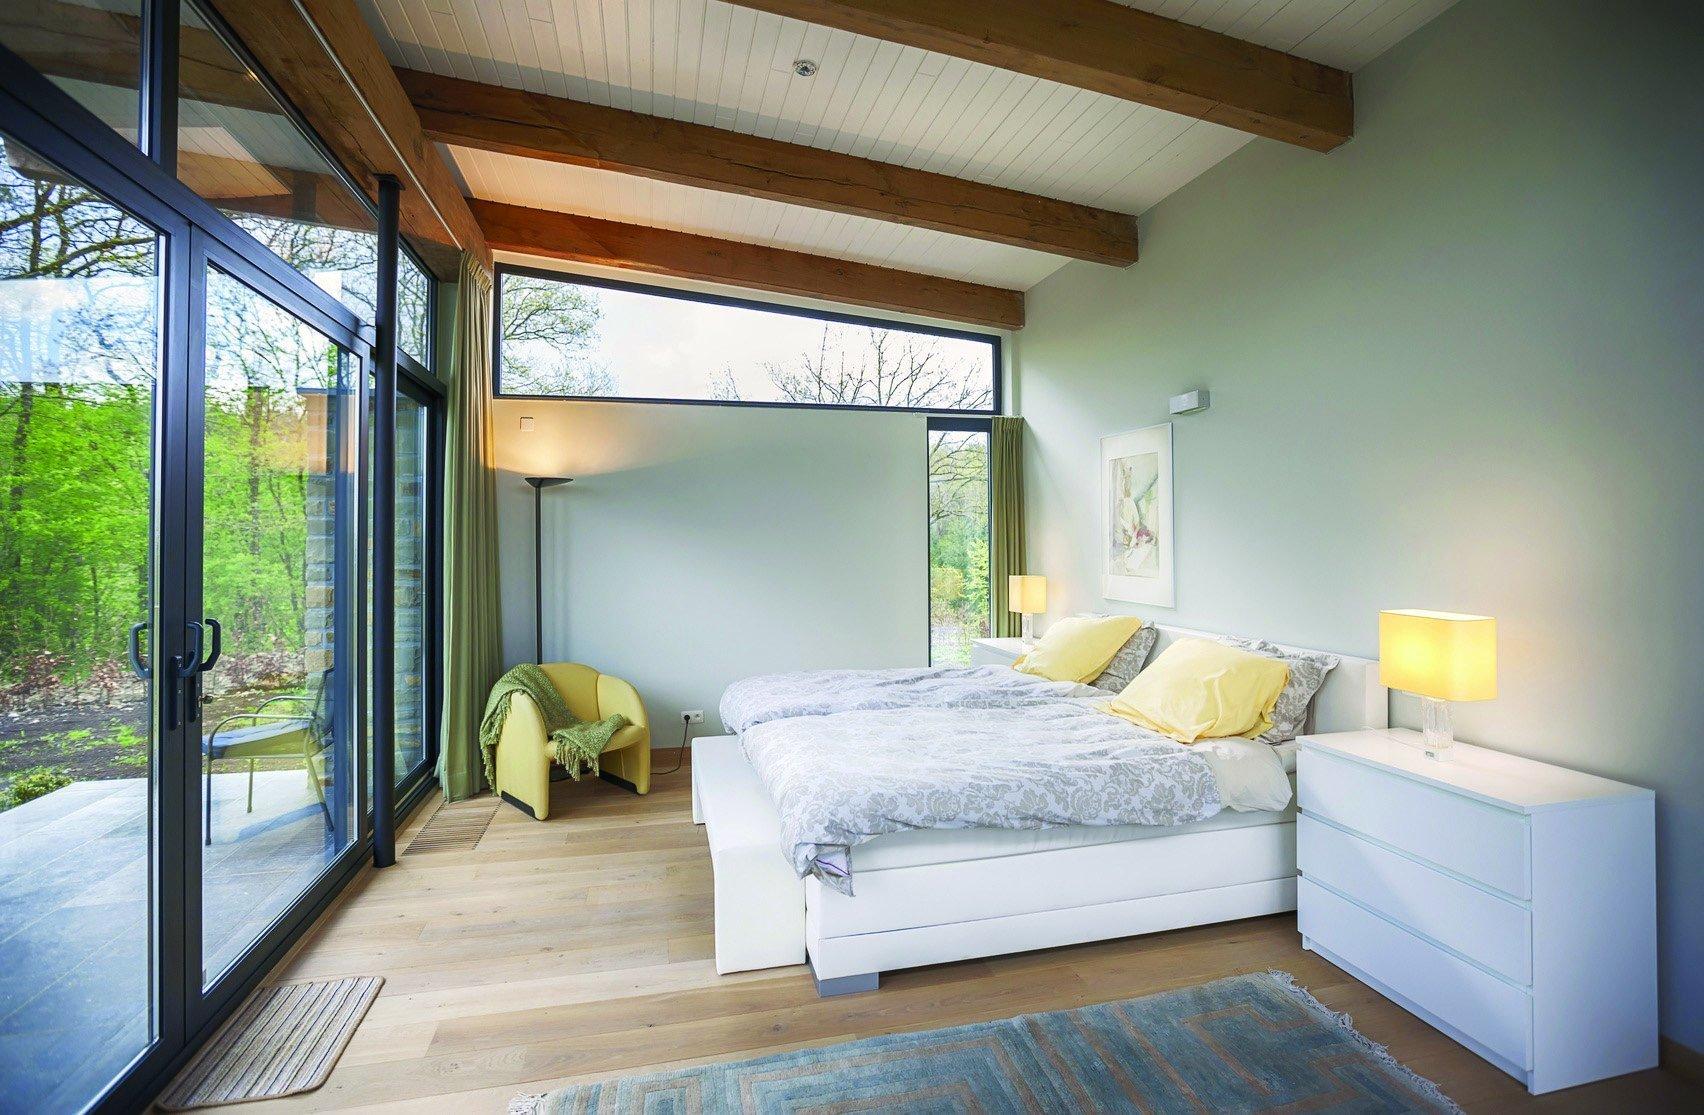 Ložnice s prosklenou zdí a dřevěným stropem.